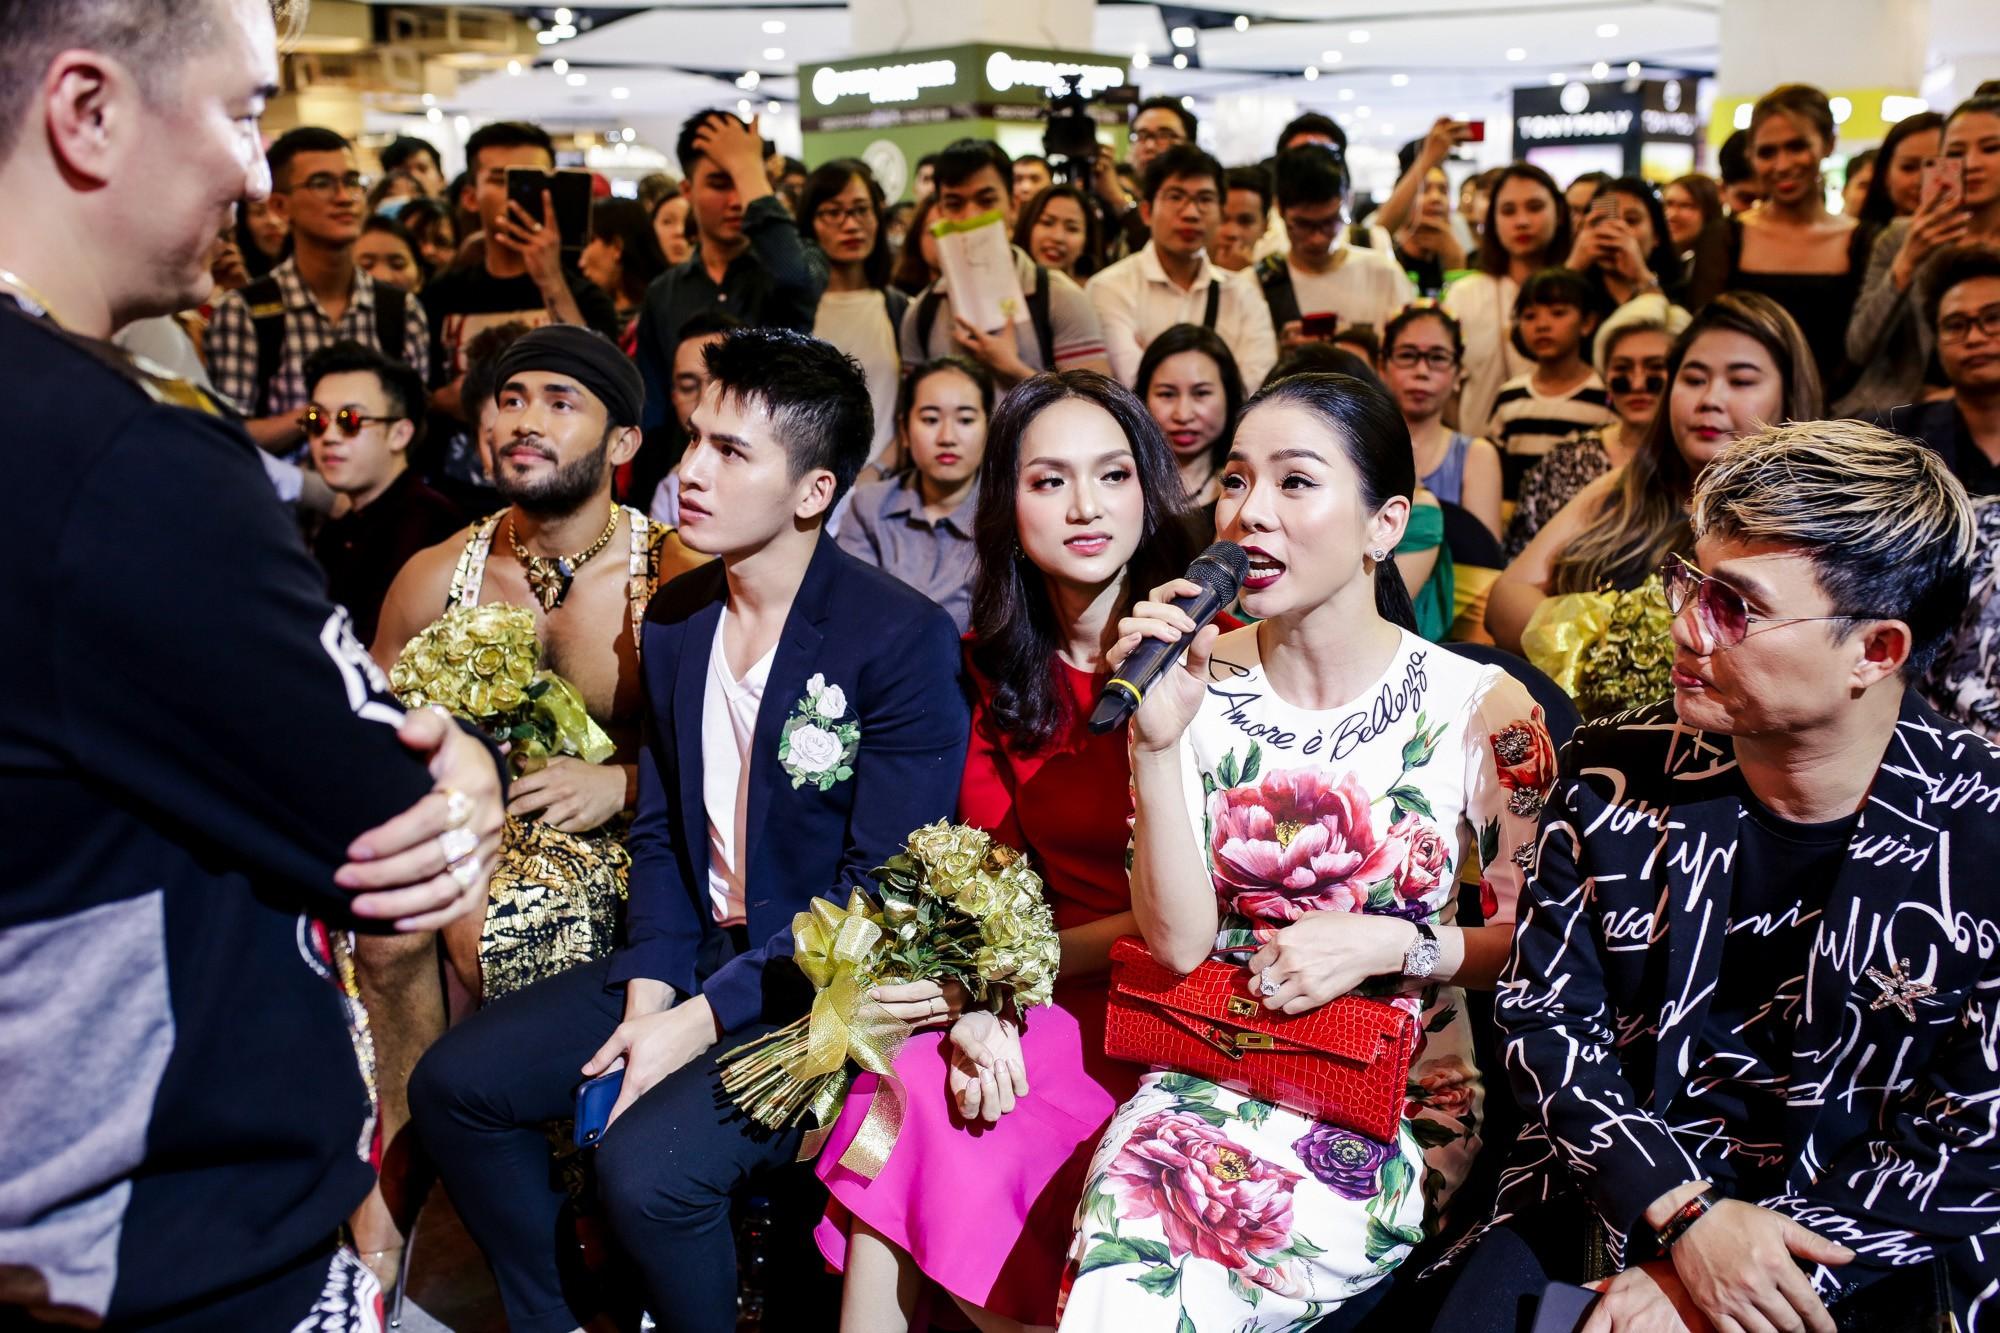 Đàm Vĩnh Hưng bất ngờ tiết lộ nụ hôn nồng cháy với Hoa hậu Hương Giang - Ảnh 9.